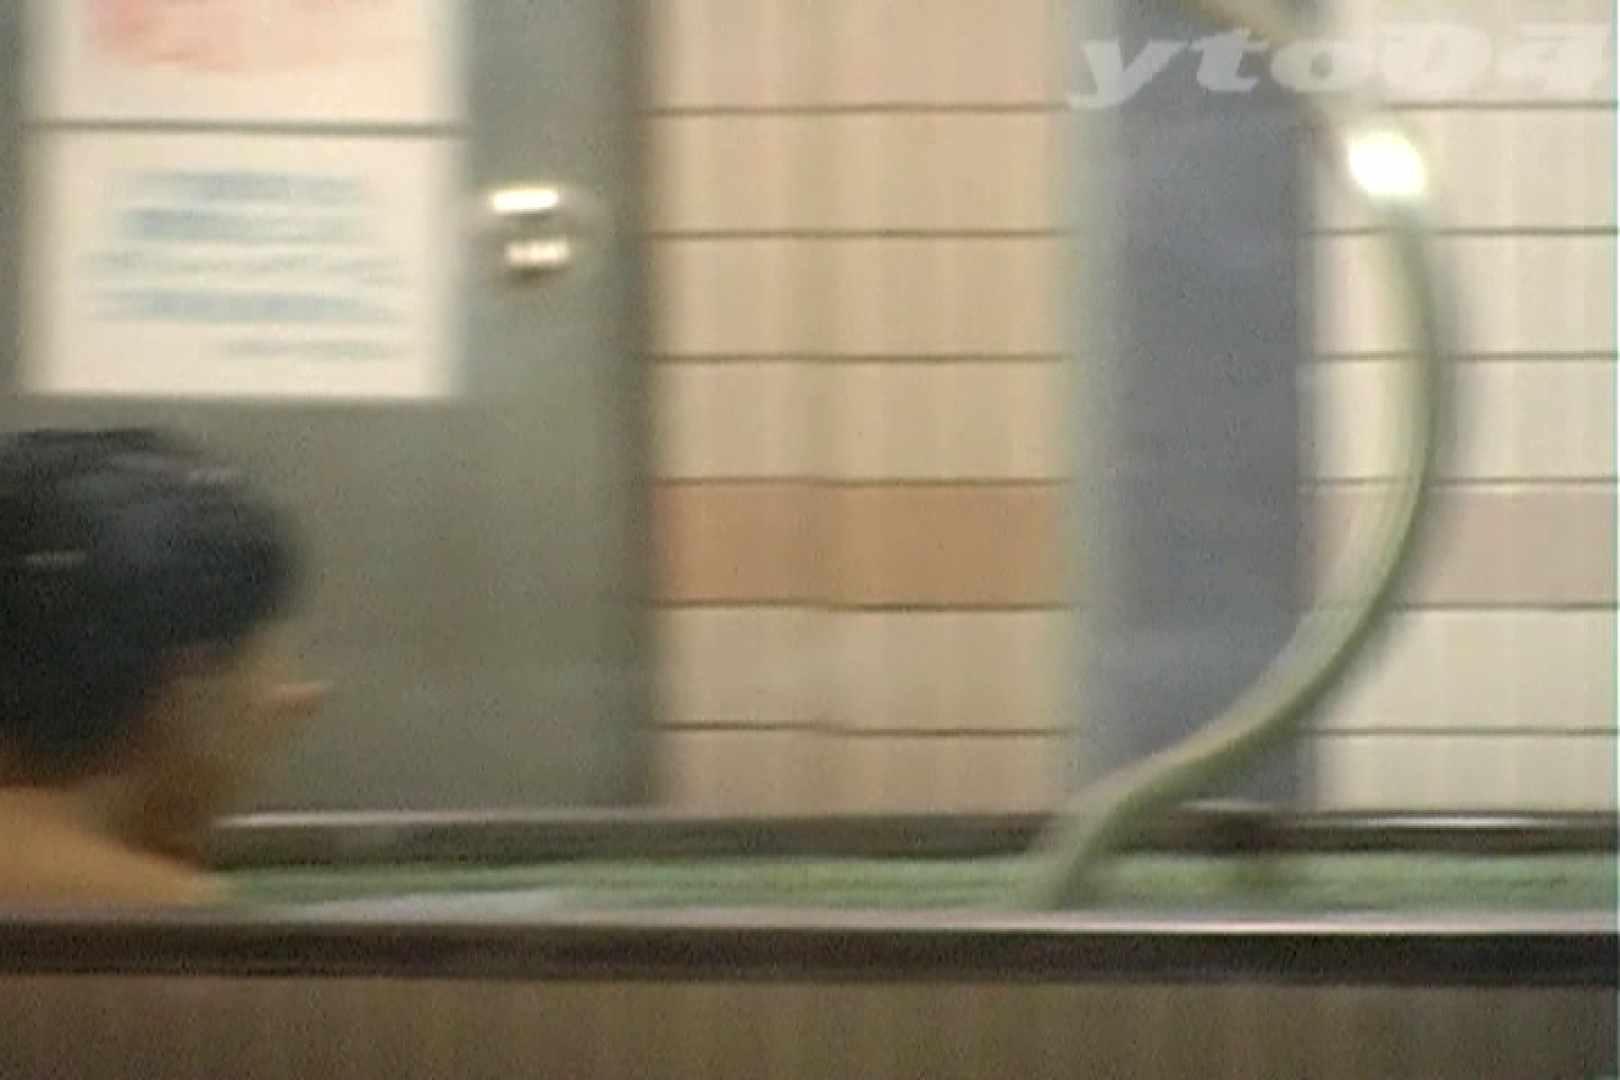 ▲復活限定▲合宿ホテル女風呂盗撮 Vol.24 名作 盗撮動画紹介 92枚 35